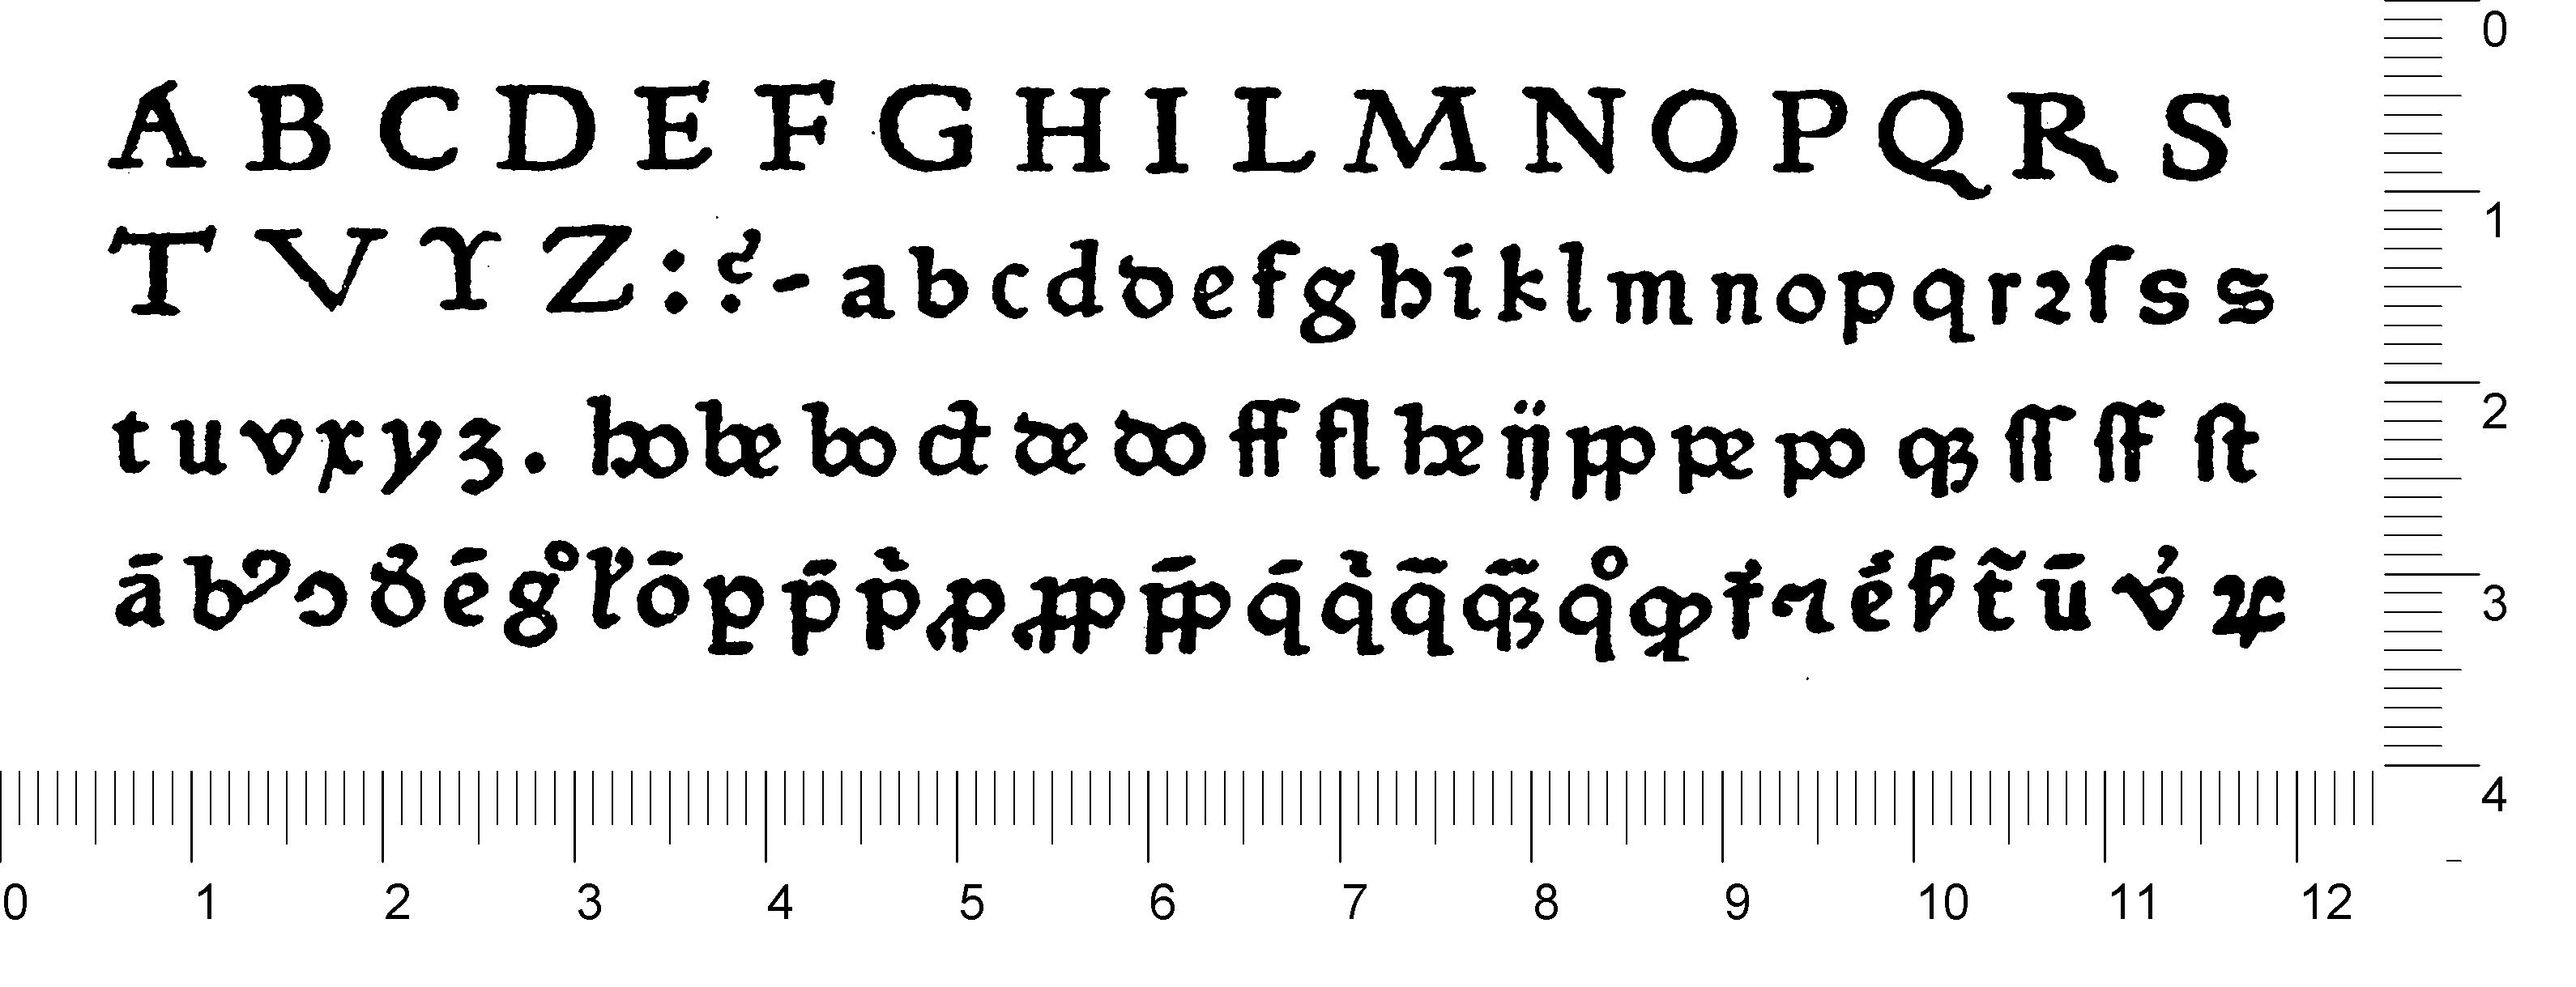 Gering-Type-3115G-GfT0154.3